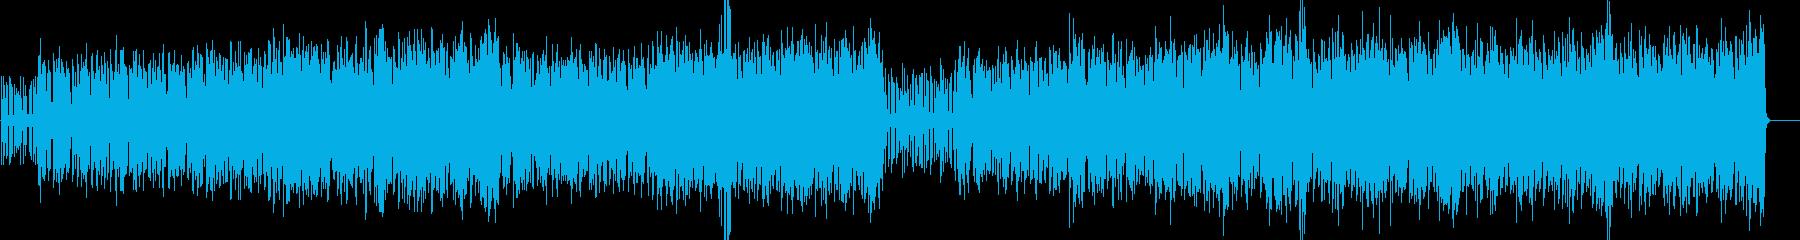 ラテン語リズミカルなパーカッシブな...の再生済みの波形